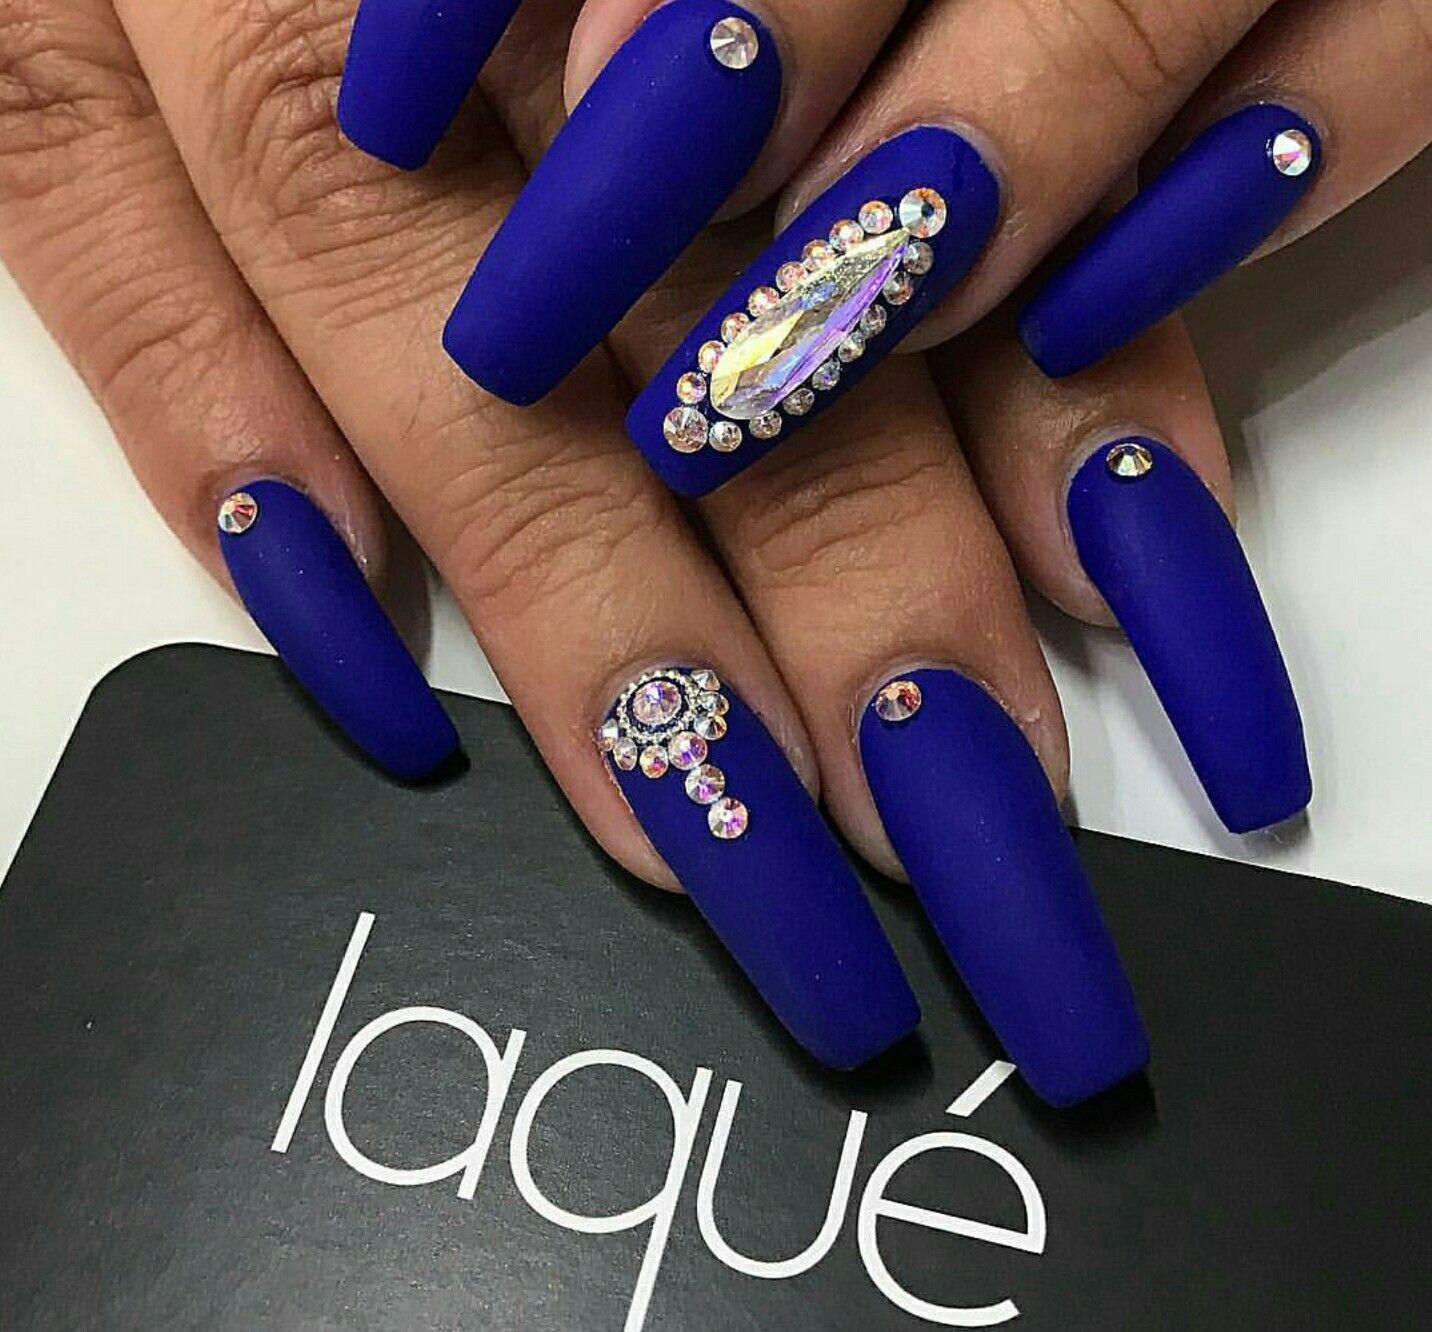 Matte Nails Blue Nails Acrylic Nails Nails With Rhinestones Rhinestone Nails Blue Nails Blue Stiletto Nails